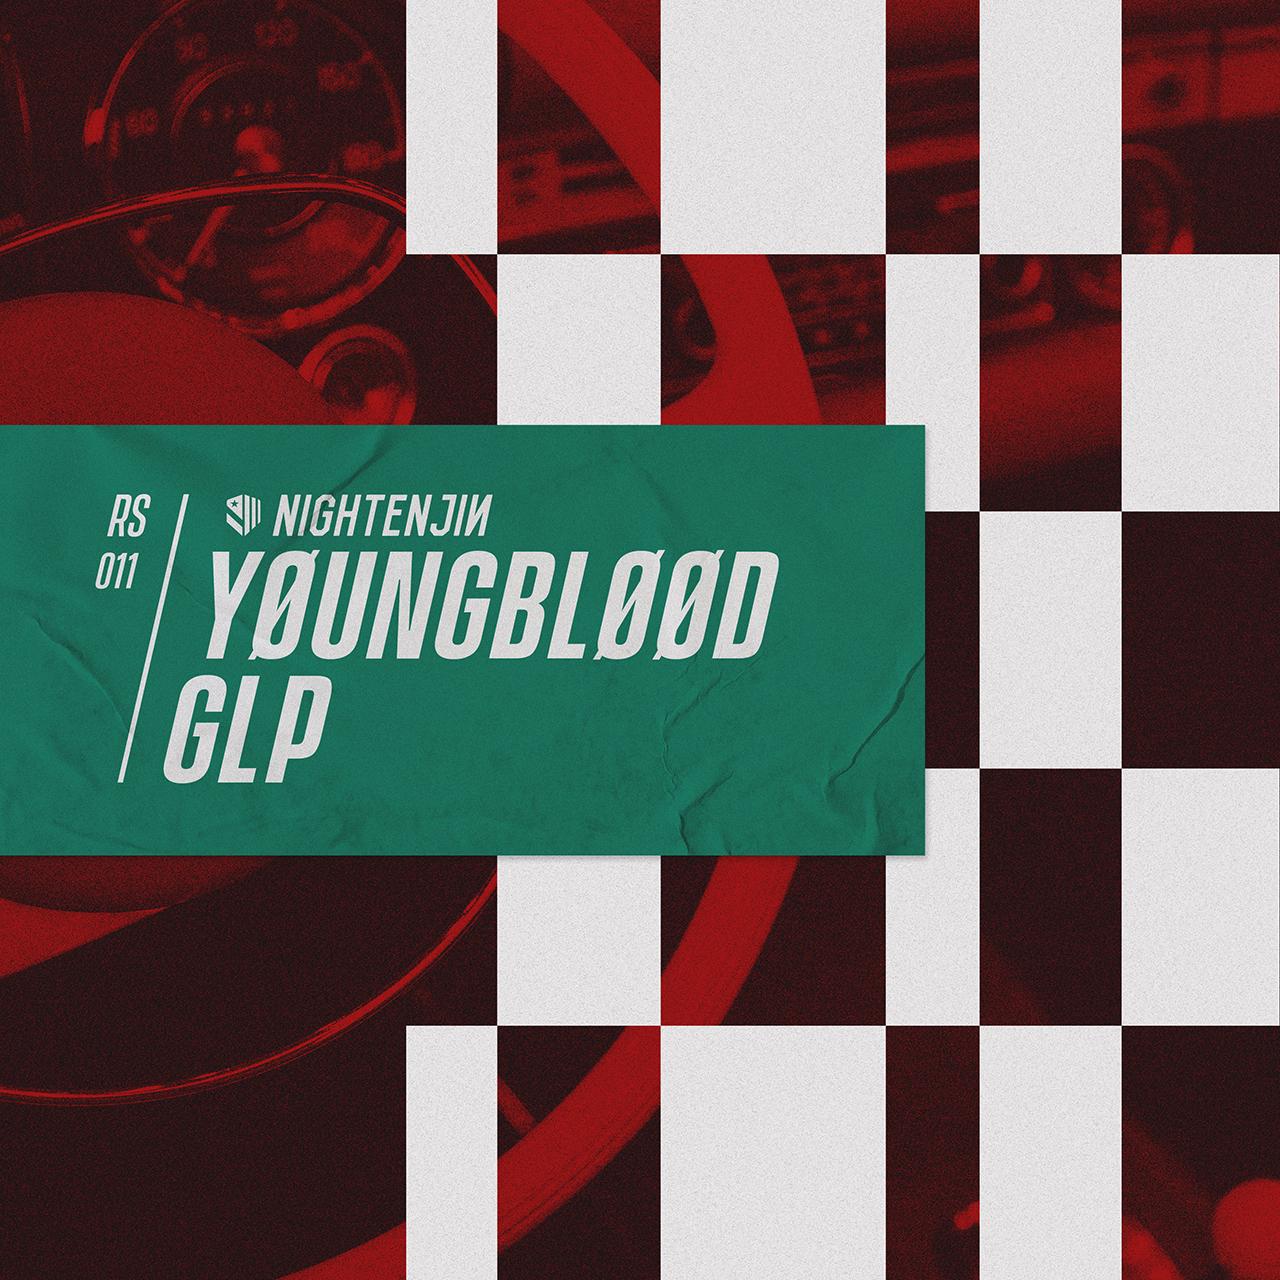 Yøungbløød - GLP